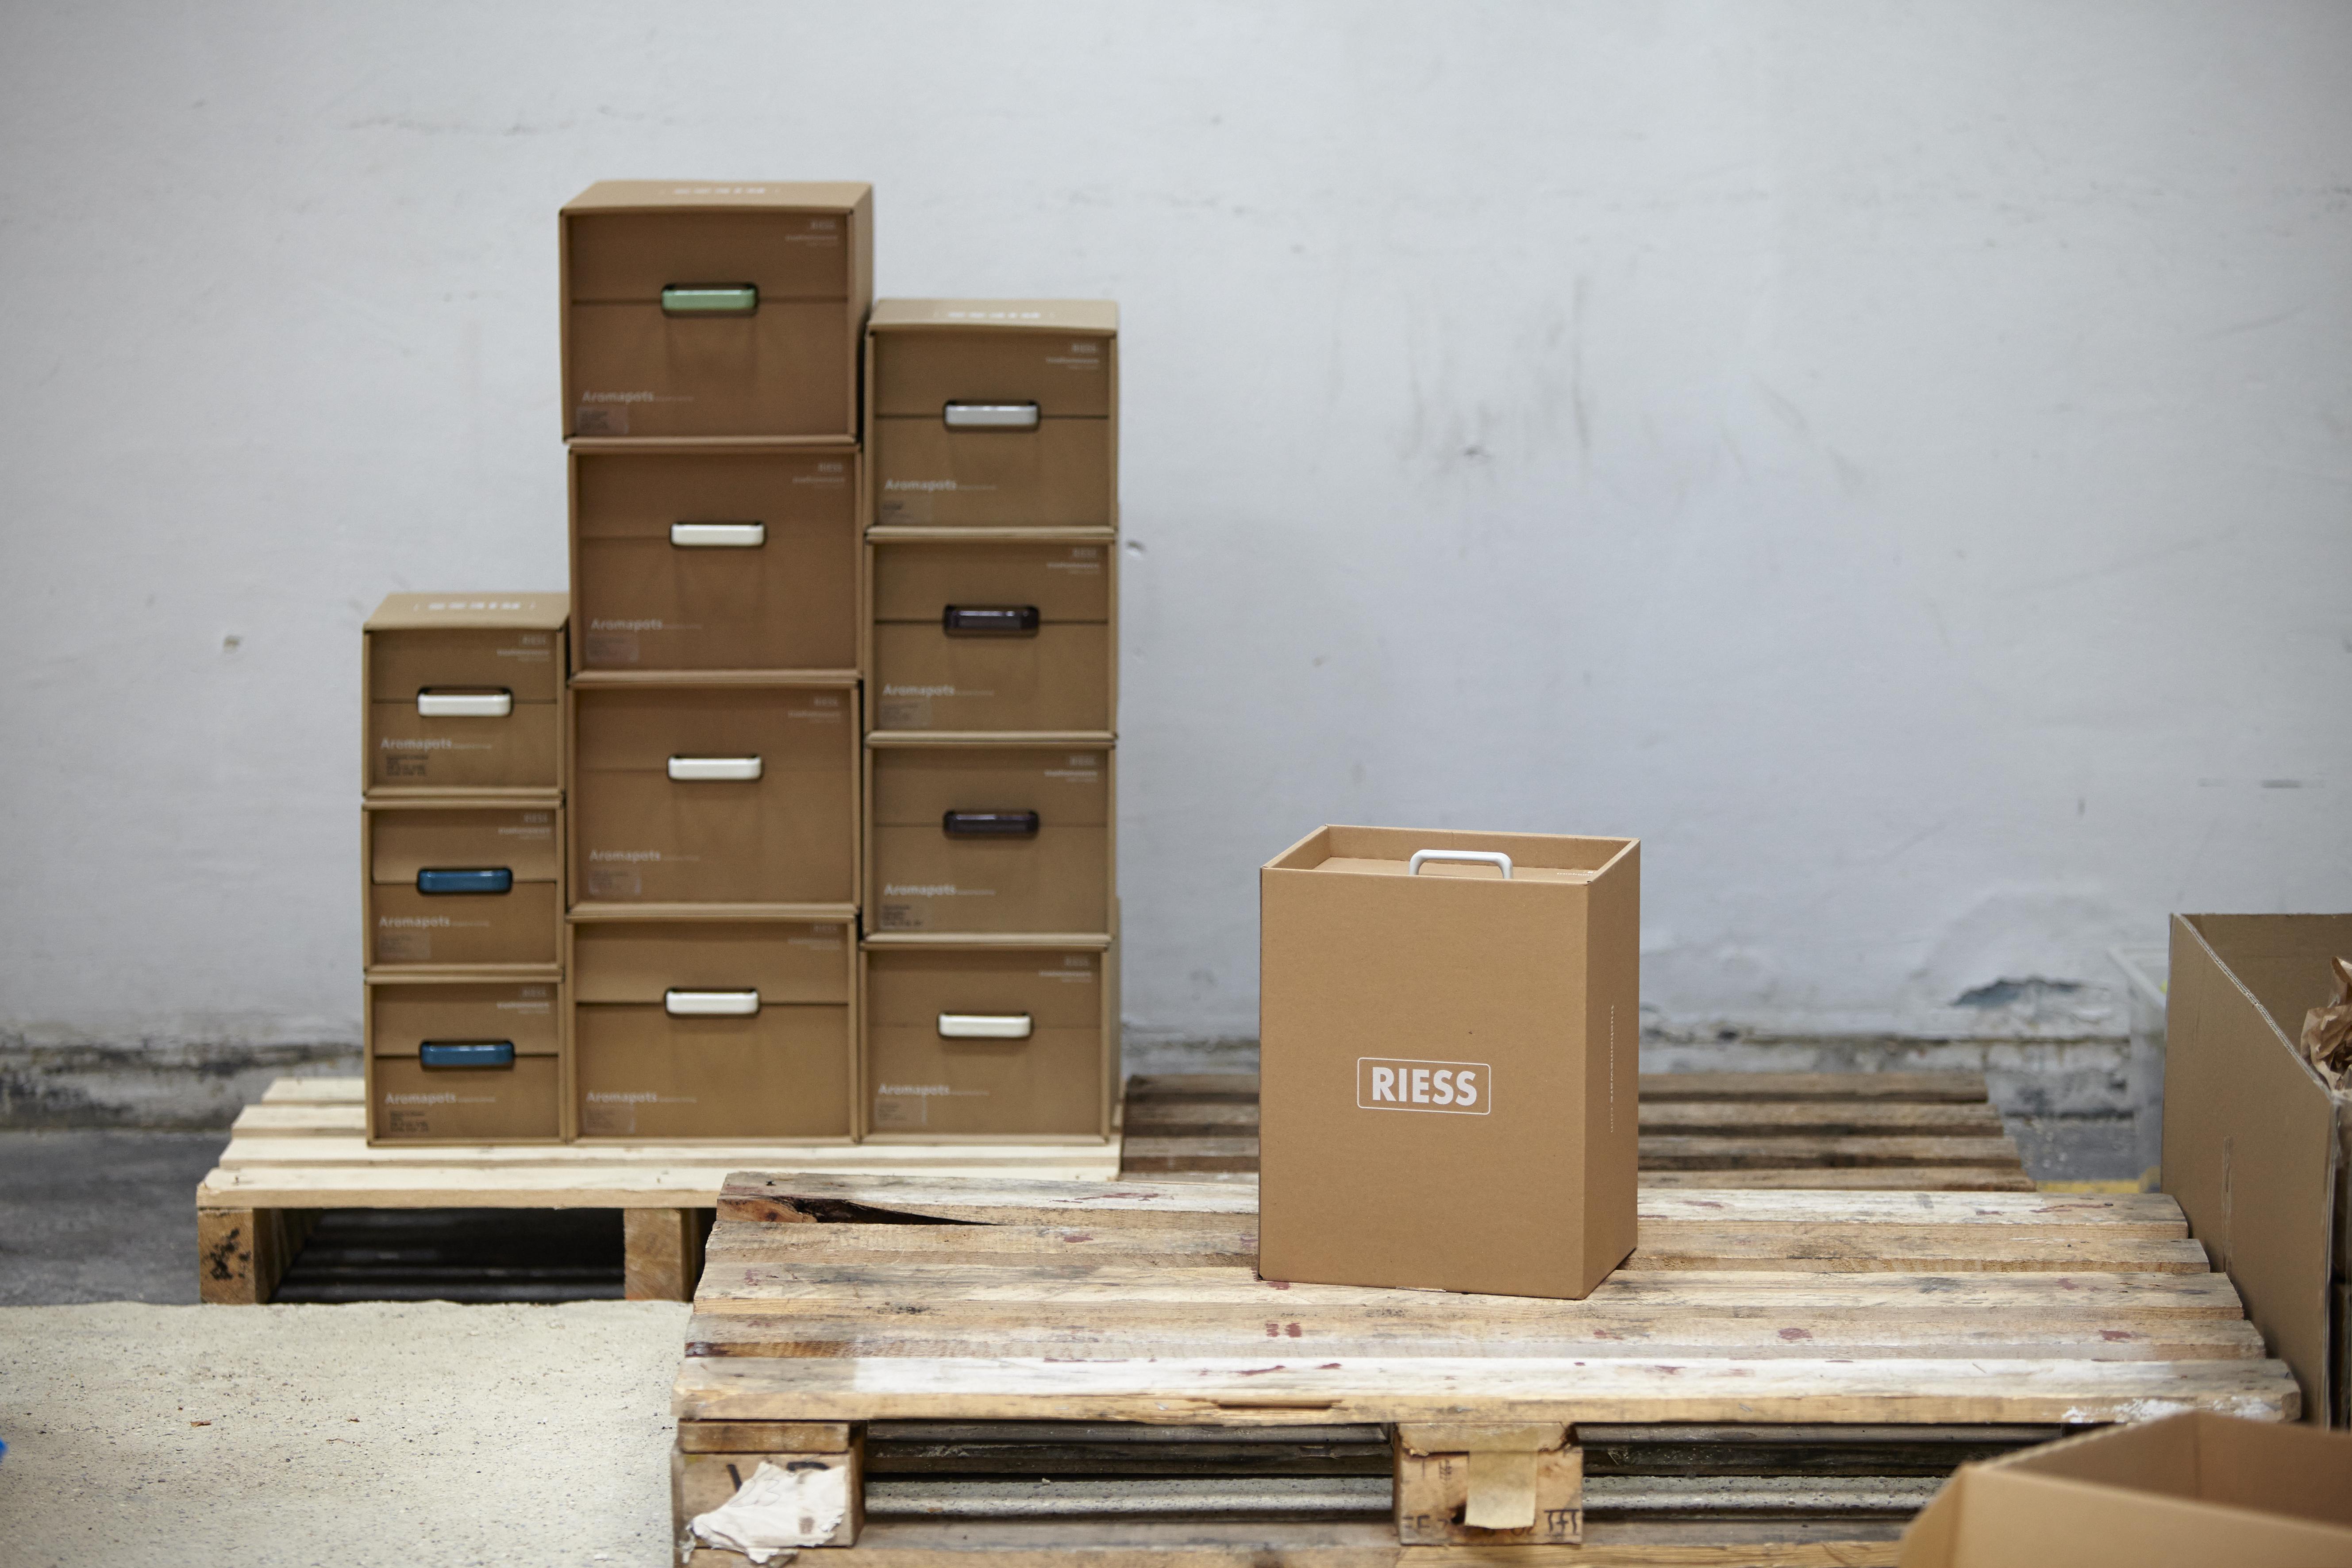 RIESS emaille verpackung umweltfreundlich karton aromapot